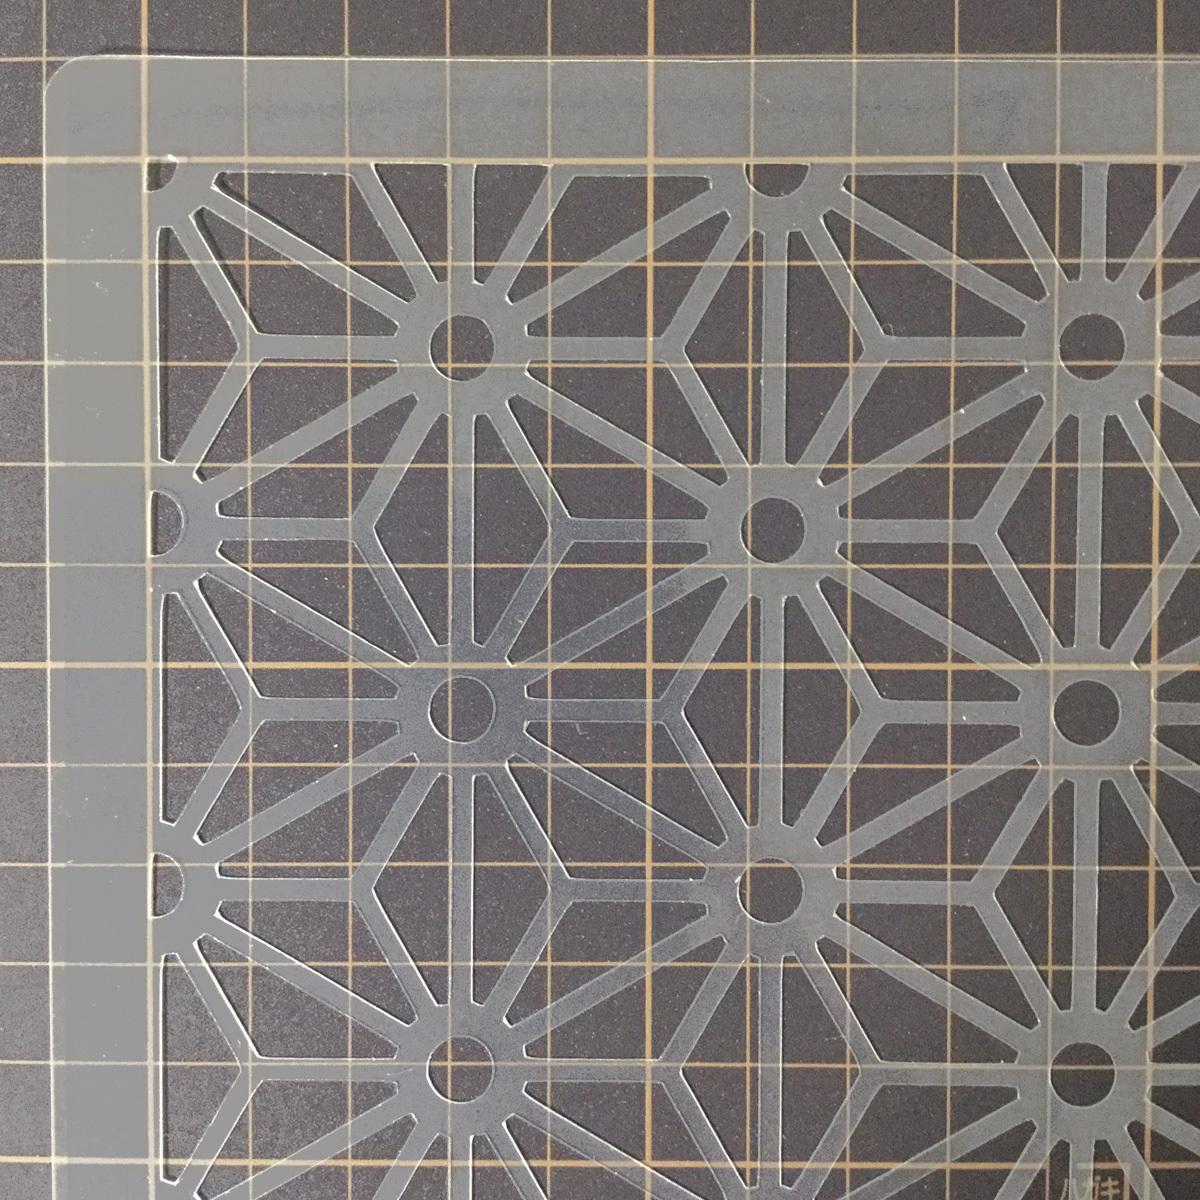 麻の葉模様A 和風地紋9番  ステンシルシート 型紙図案 NO239_画像5